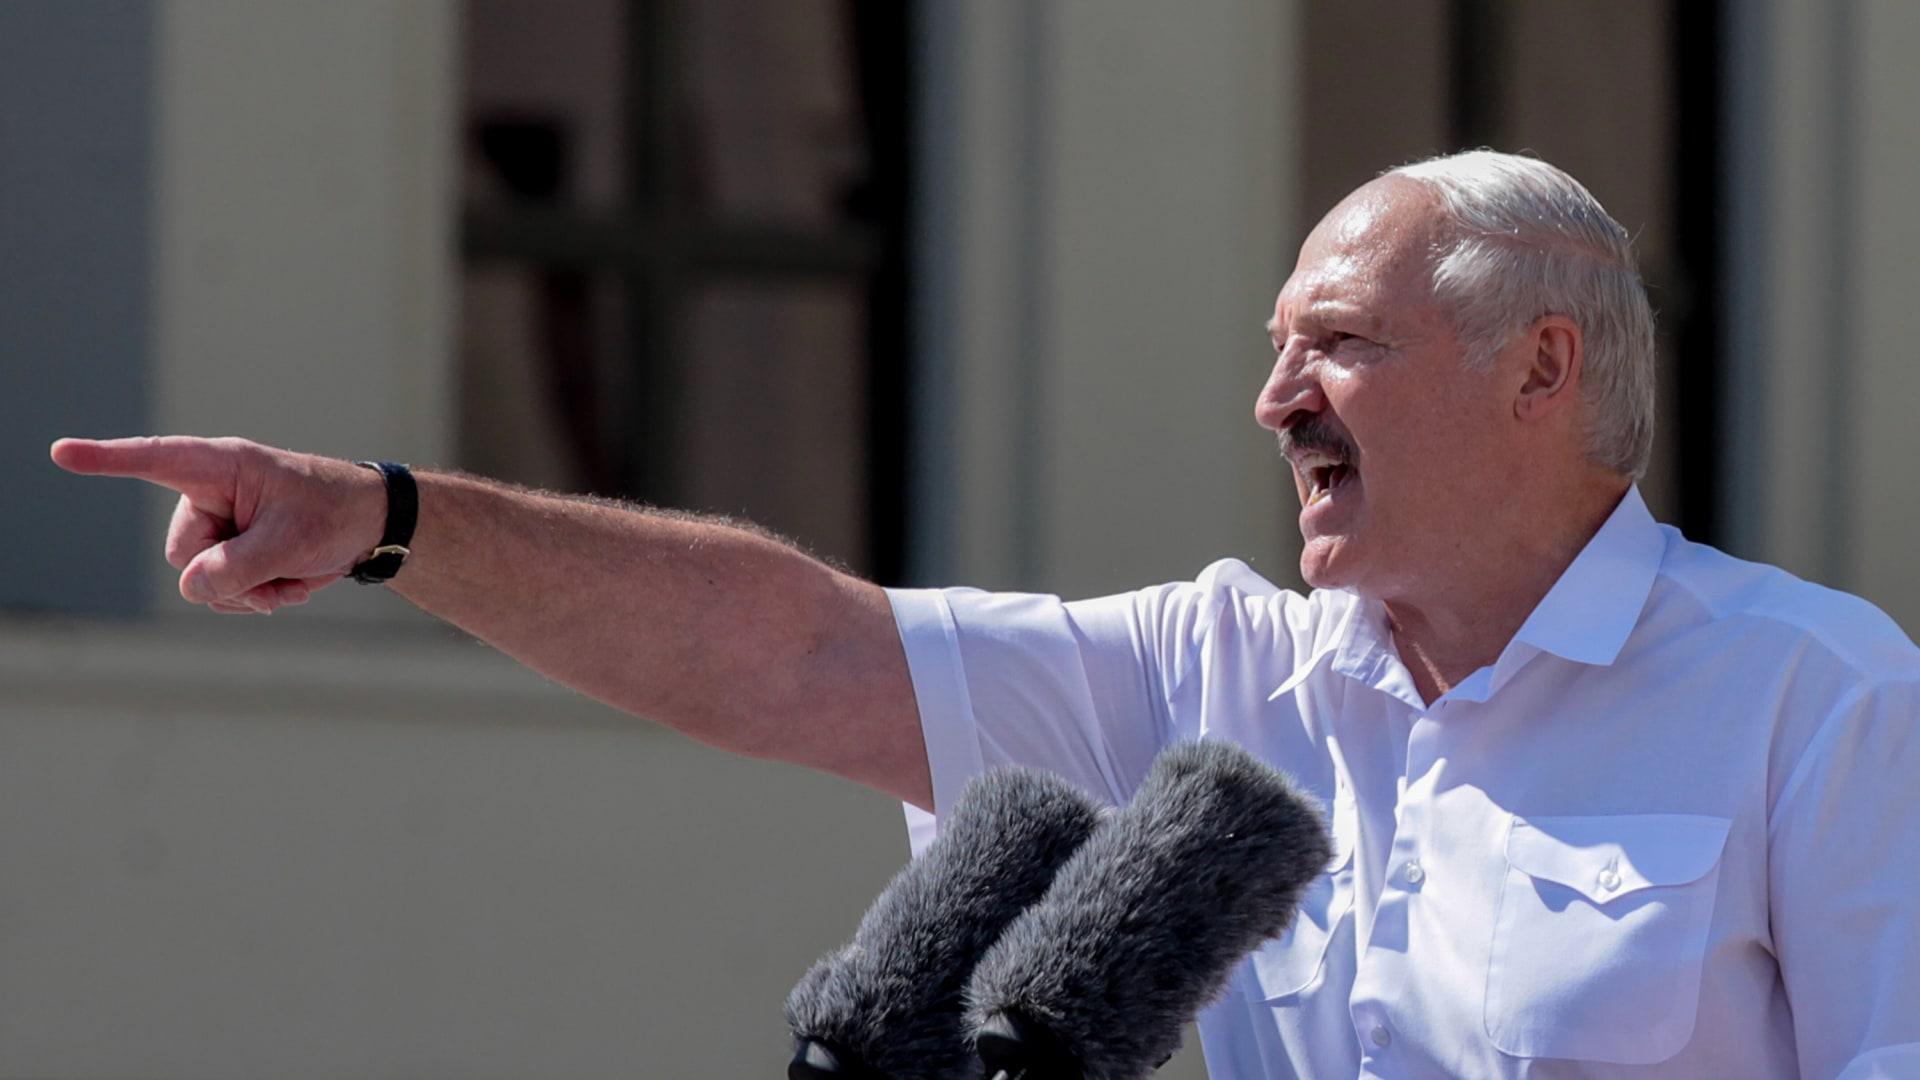 """رئيس بيلاروسيا: لن تكون هناك أي انتخابات جديدة """"حتى تقتلوني"""""""